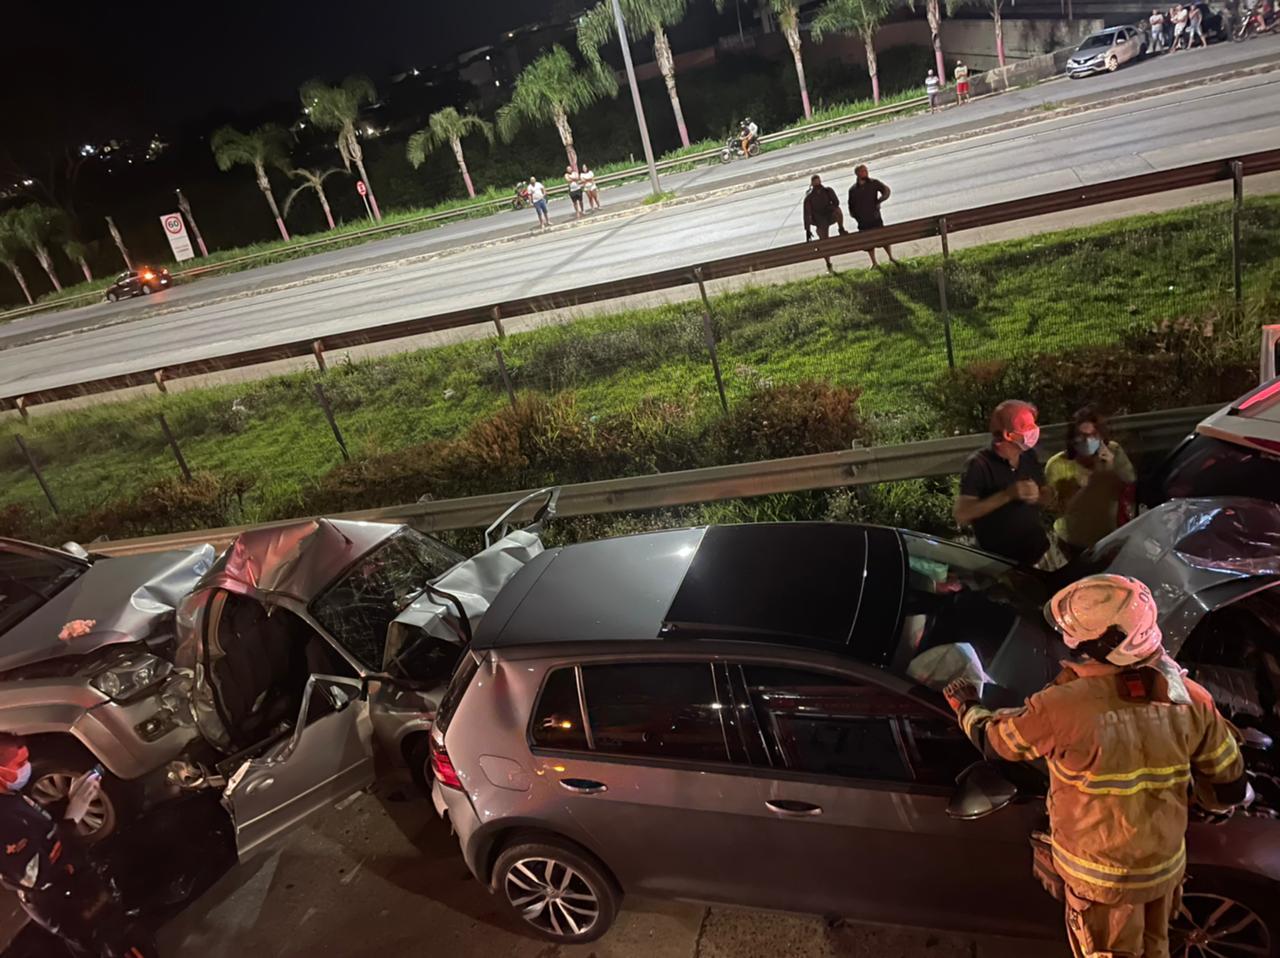 Homem morre após ser atingido por caminhonete dirigida por adolescente na MG-10, em BH - Foto: Divulgação/Corpo de Bombeiros